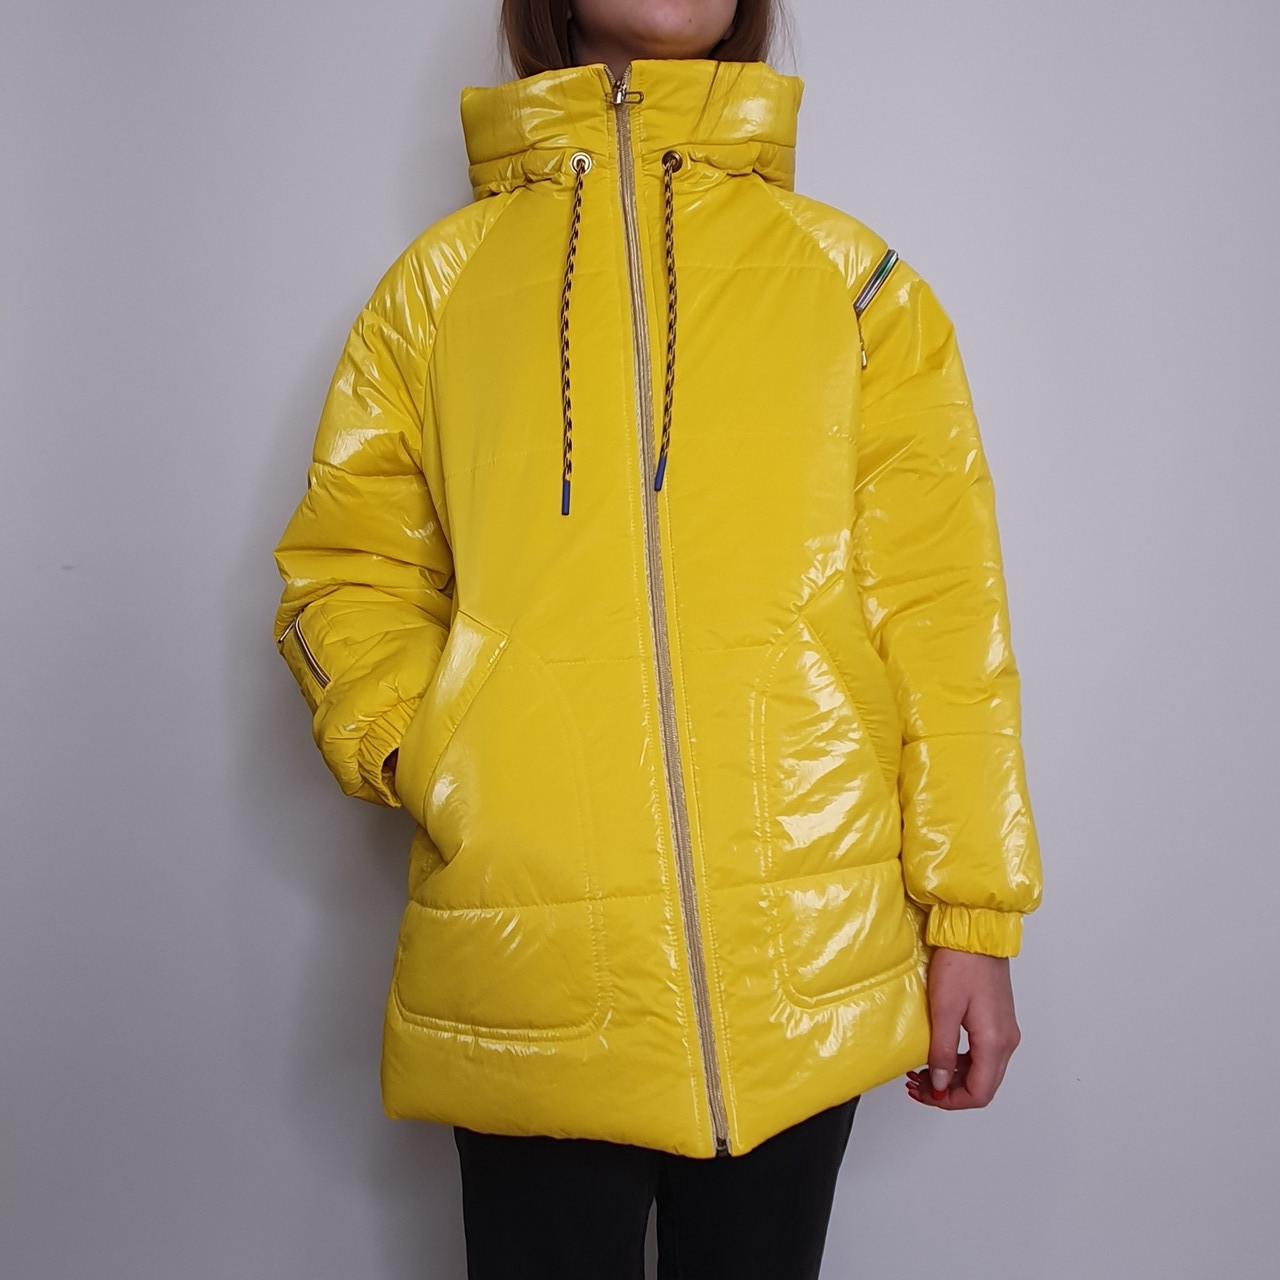 Яскрава стильна підліткова куртка з плащової тканини демисезон на дівчинку з капюшоном весна-осінь від виробника